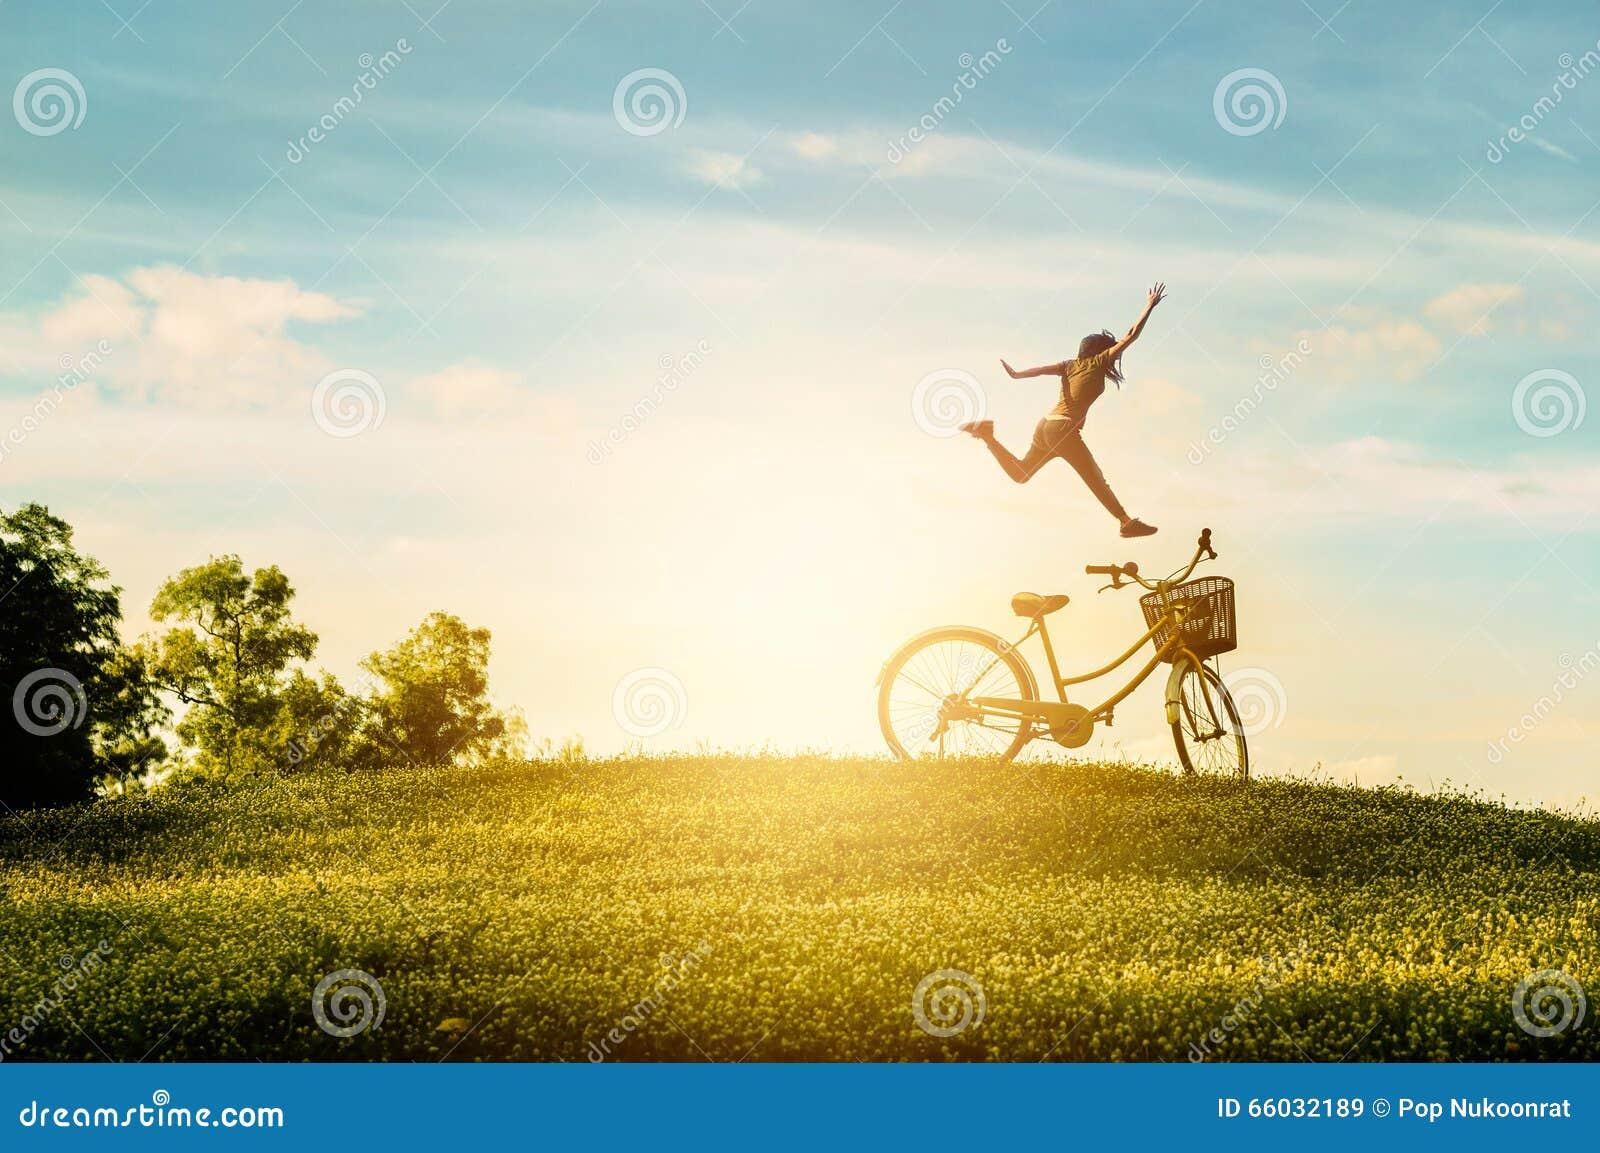 Kvinnan tycker om ferie i parkera Hon hoppade med lycka